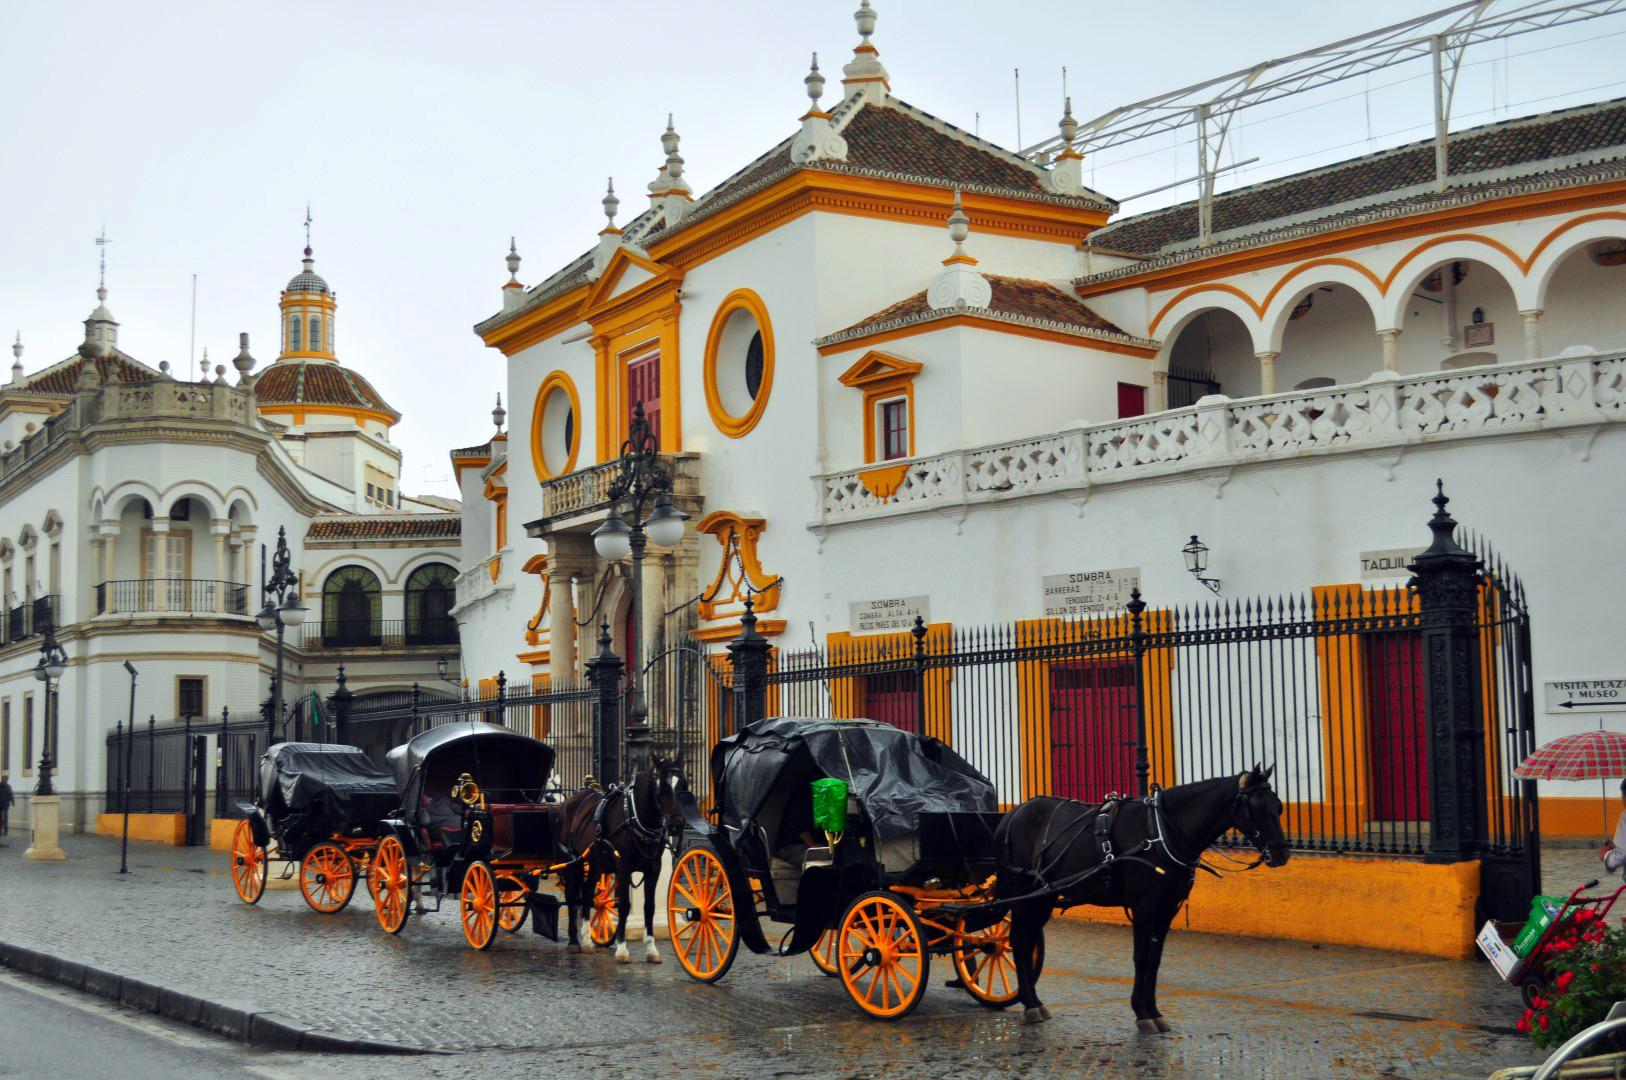 Qué ver en Sevilla, España - What to see in Sevilla, Spain qué ver en sevilla - 30706407803 600d21dc65 o - Qué ver en Sevilla